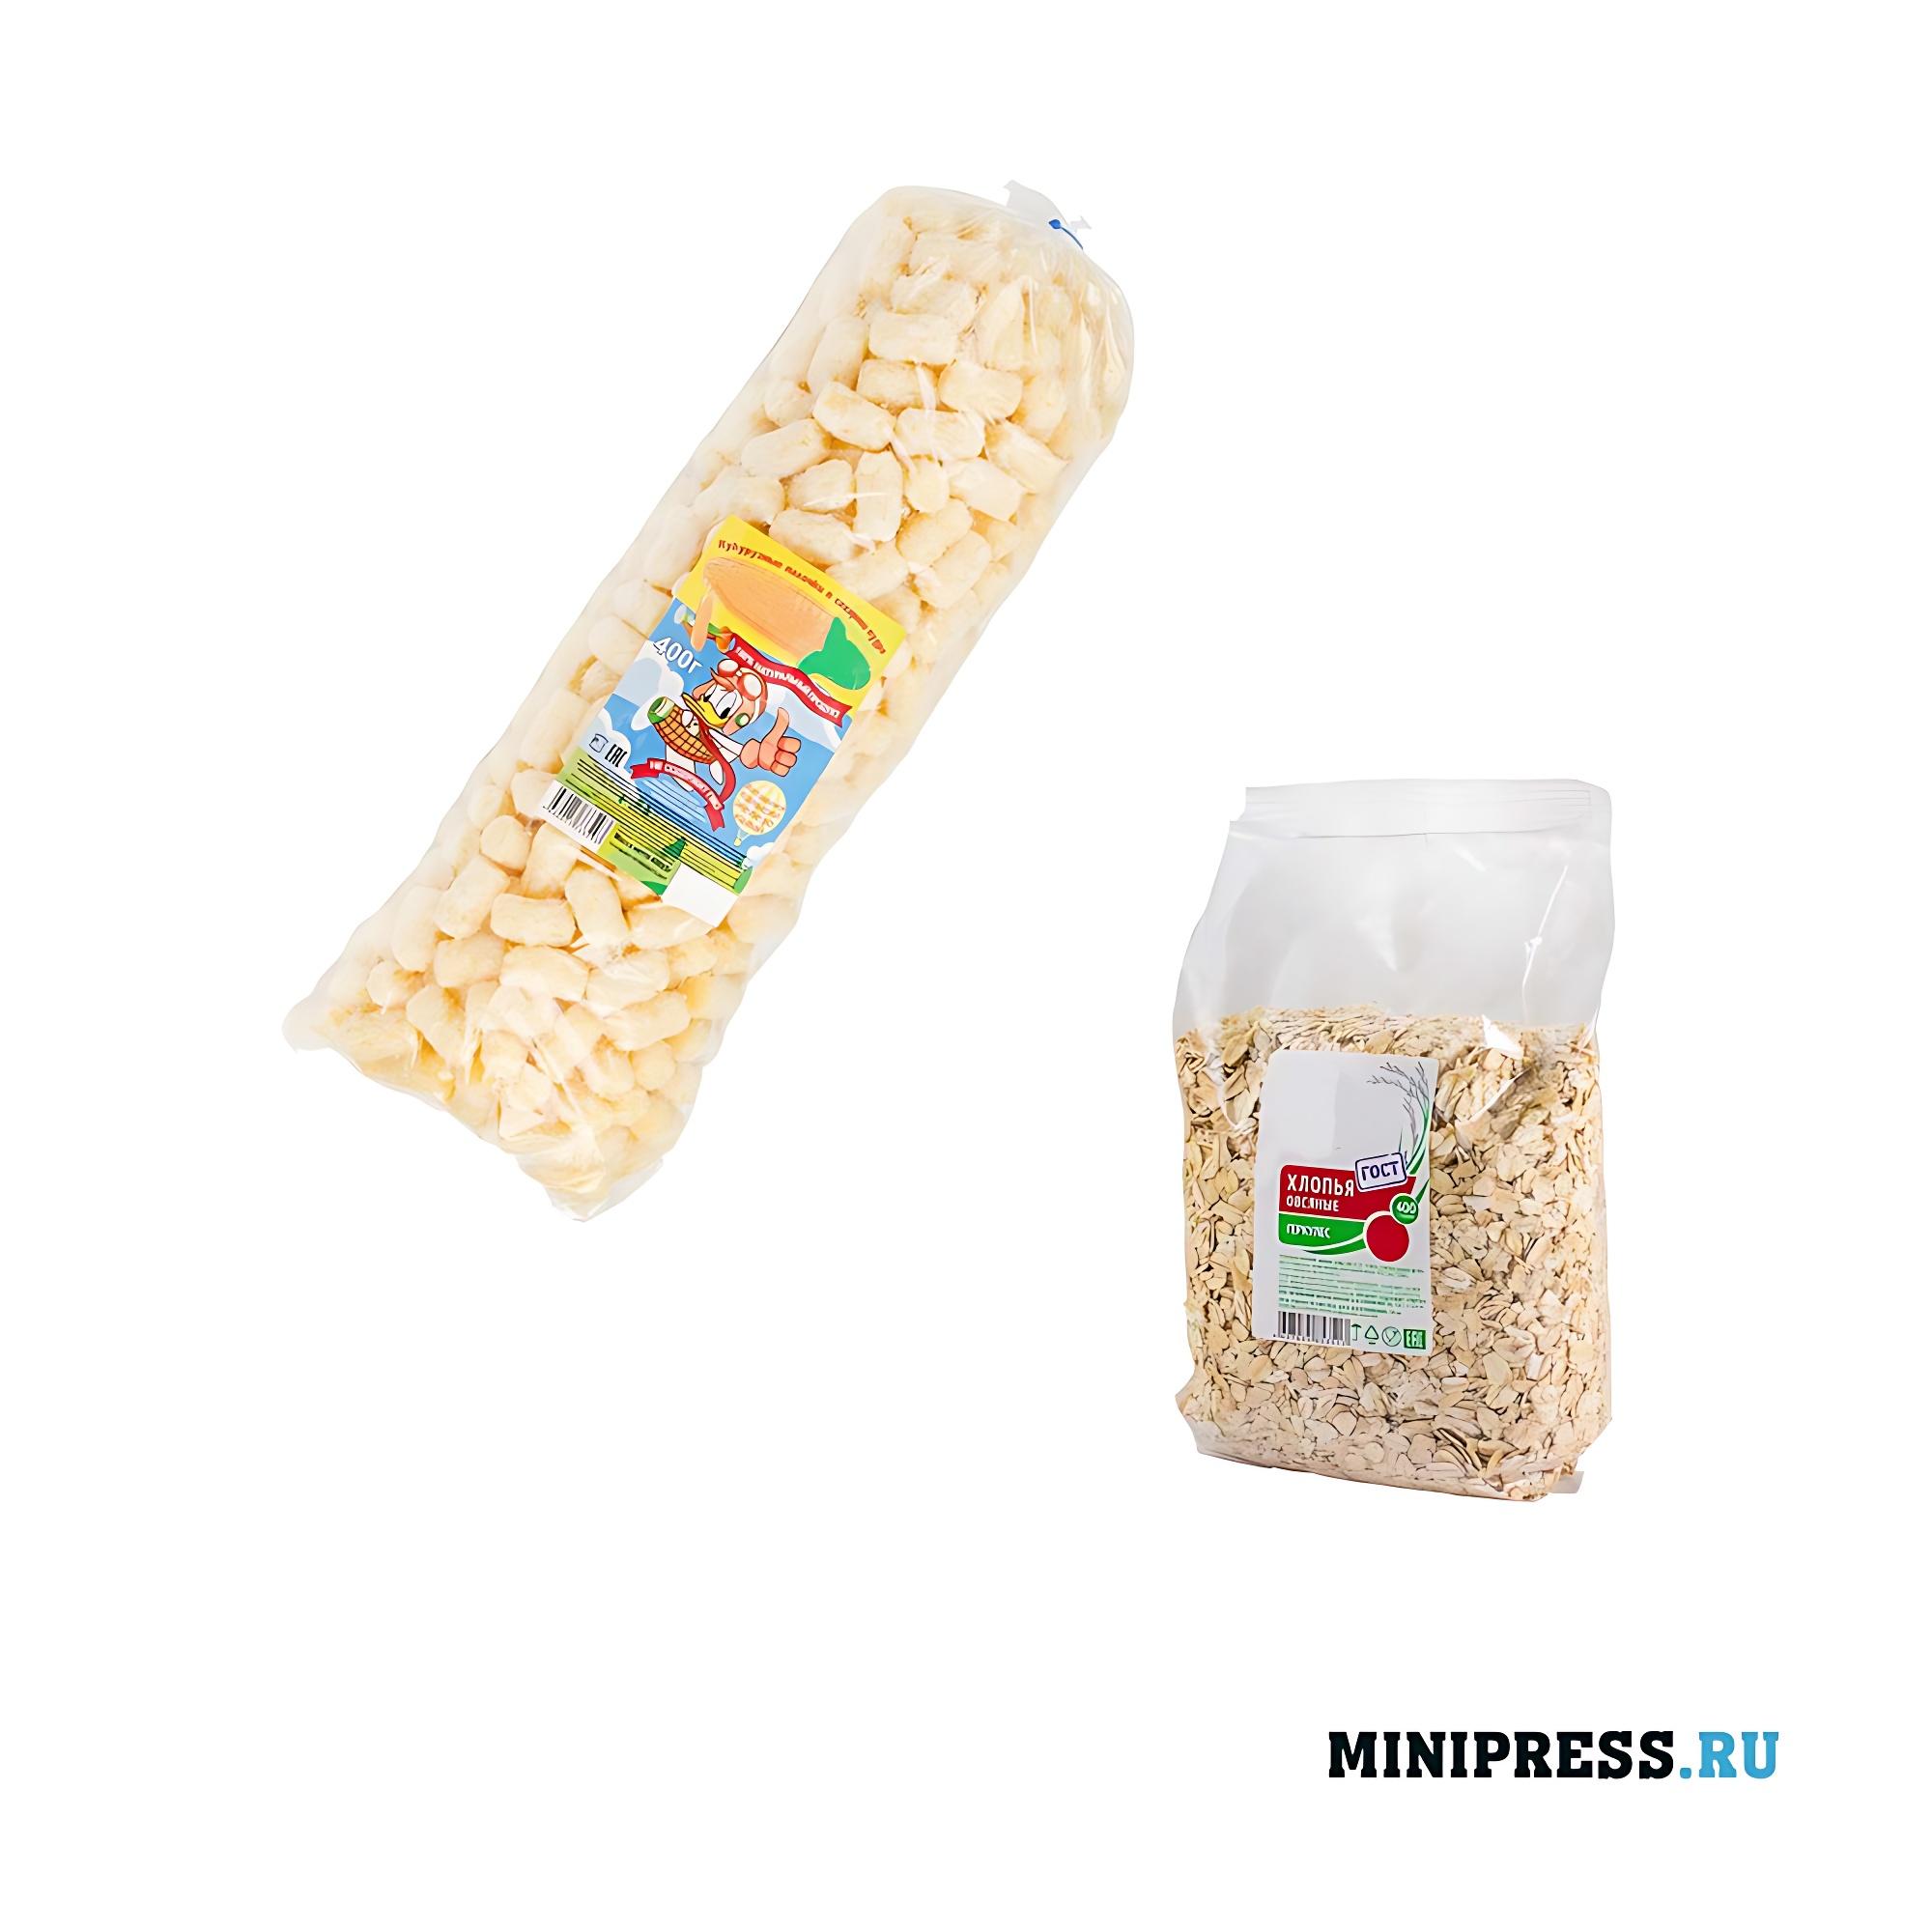 Упаковка хрустящих воздушных продуктов питания